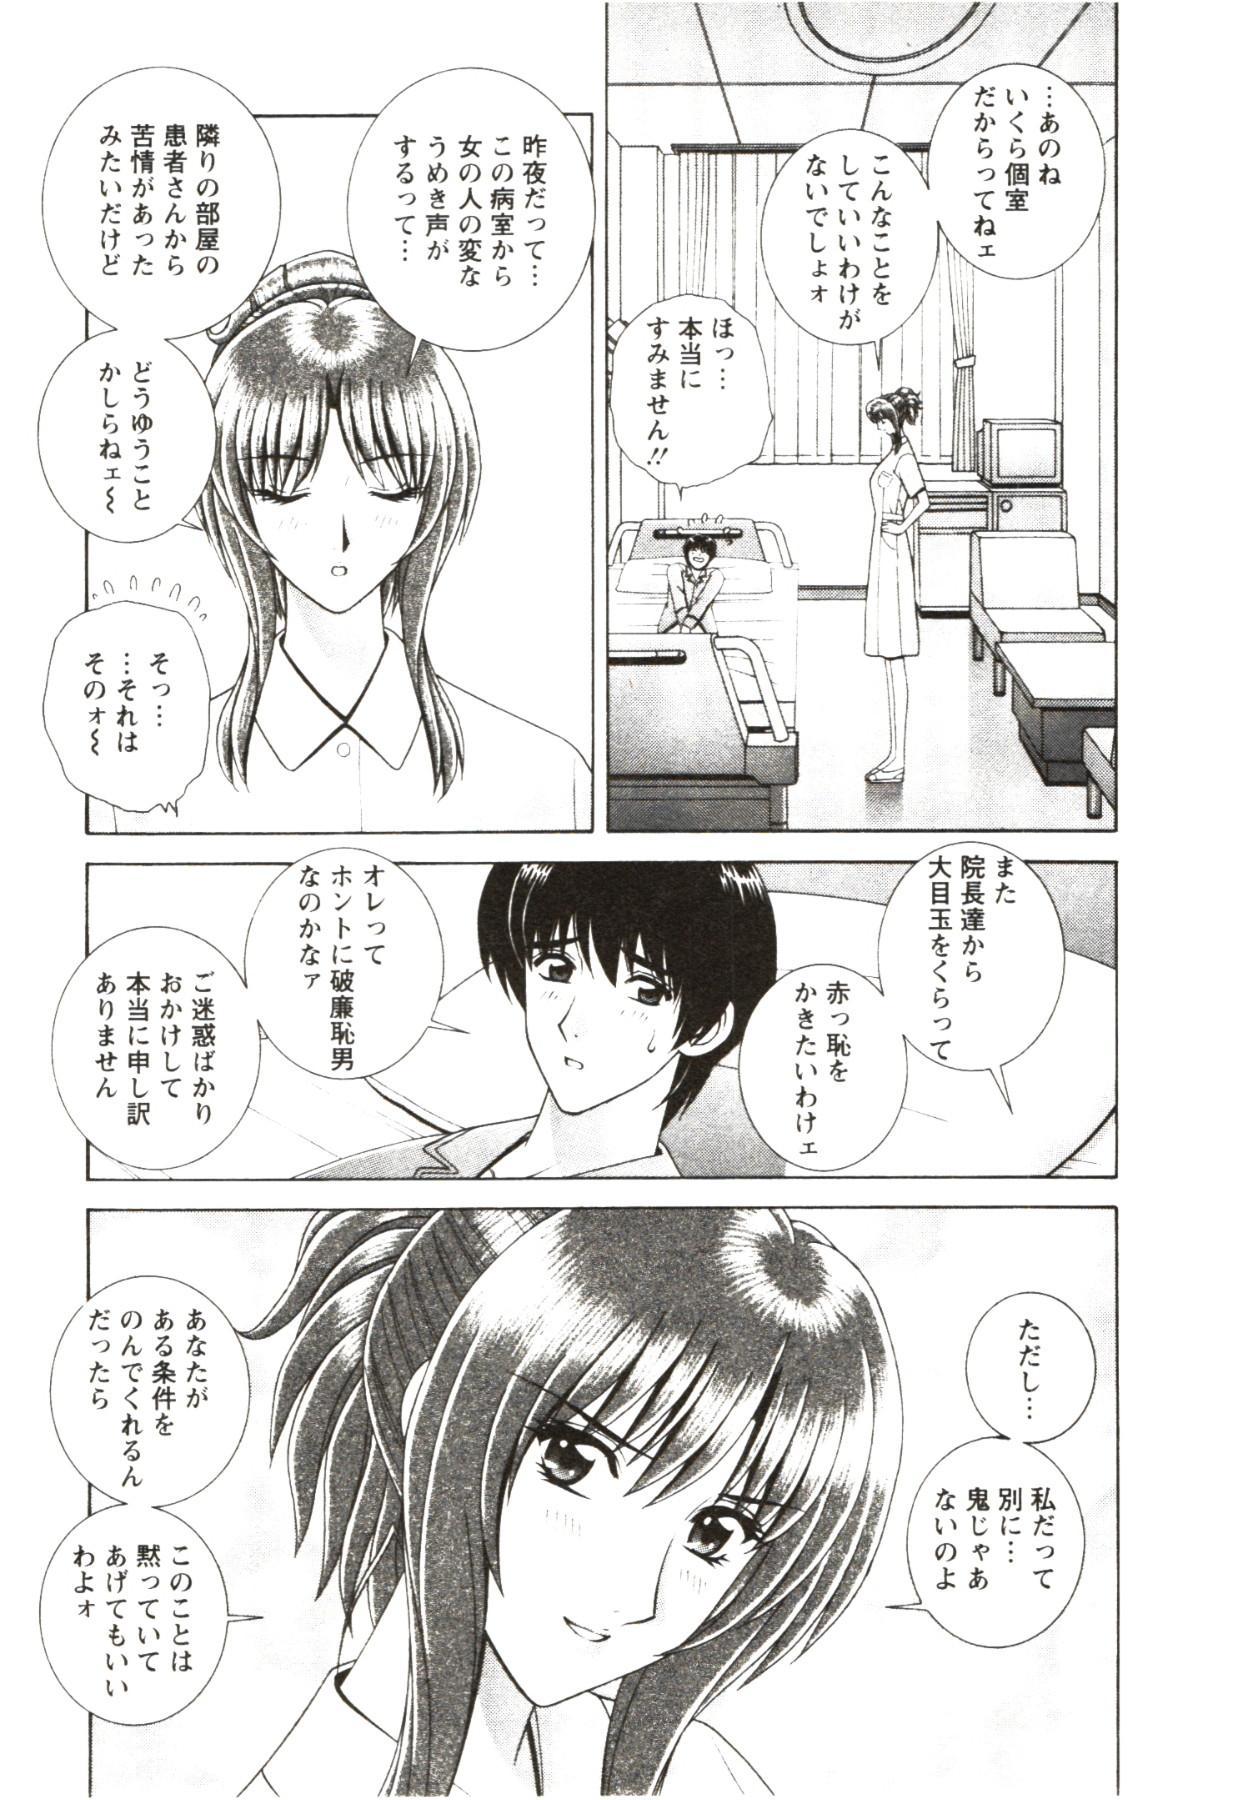 Futarigurashi 176